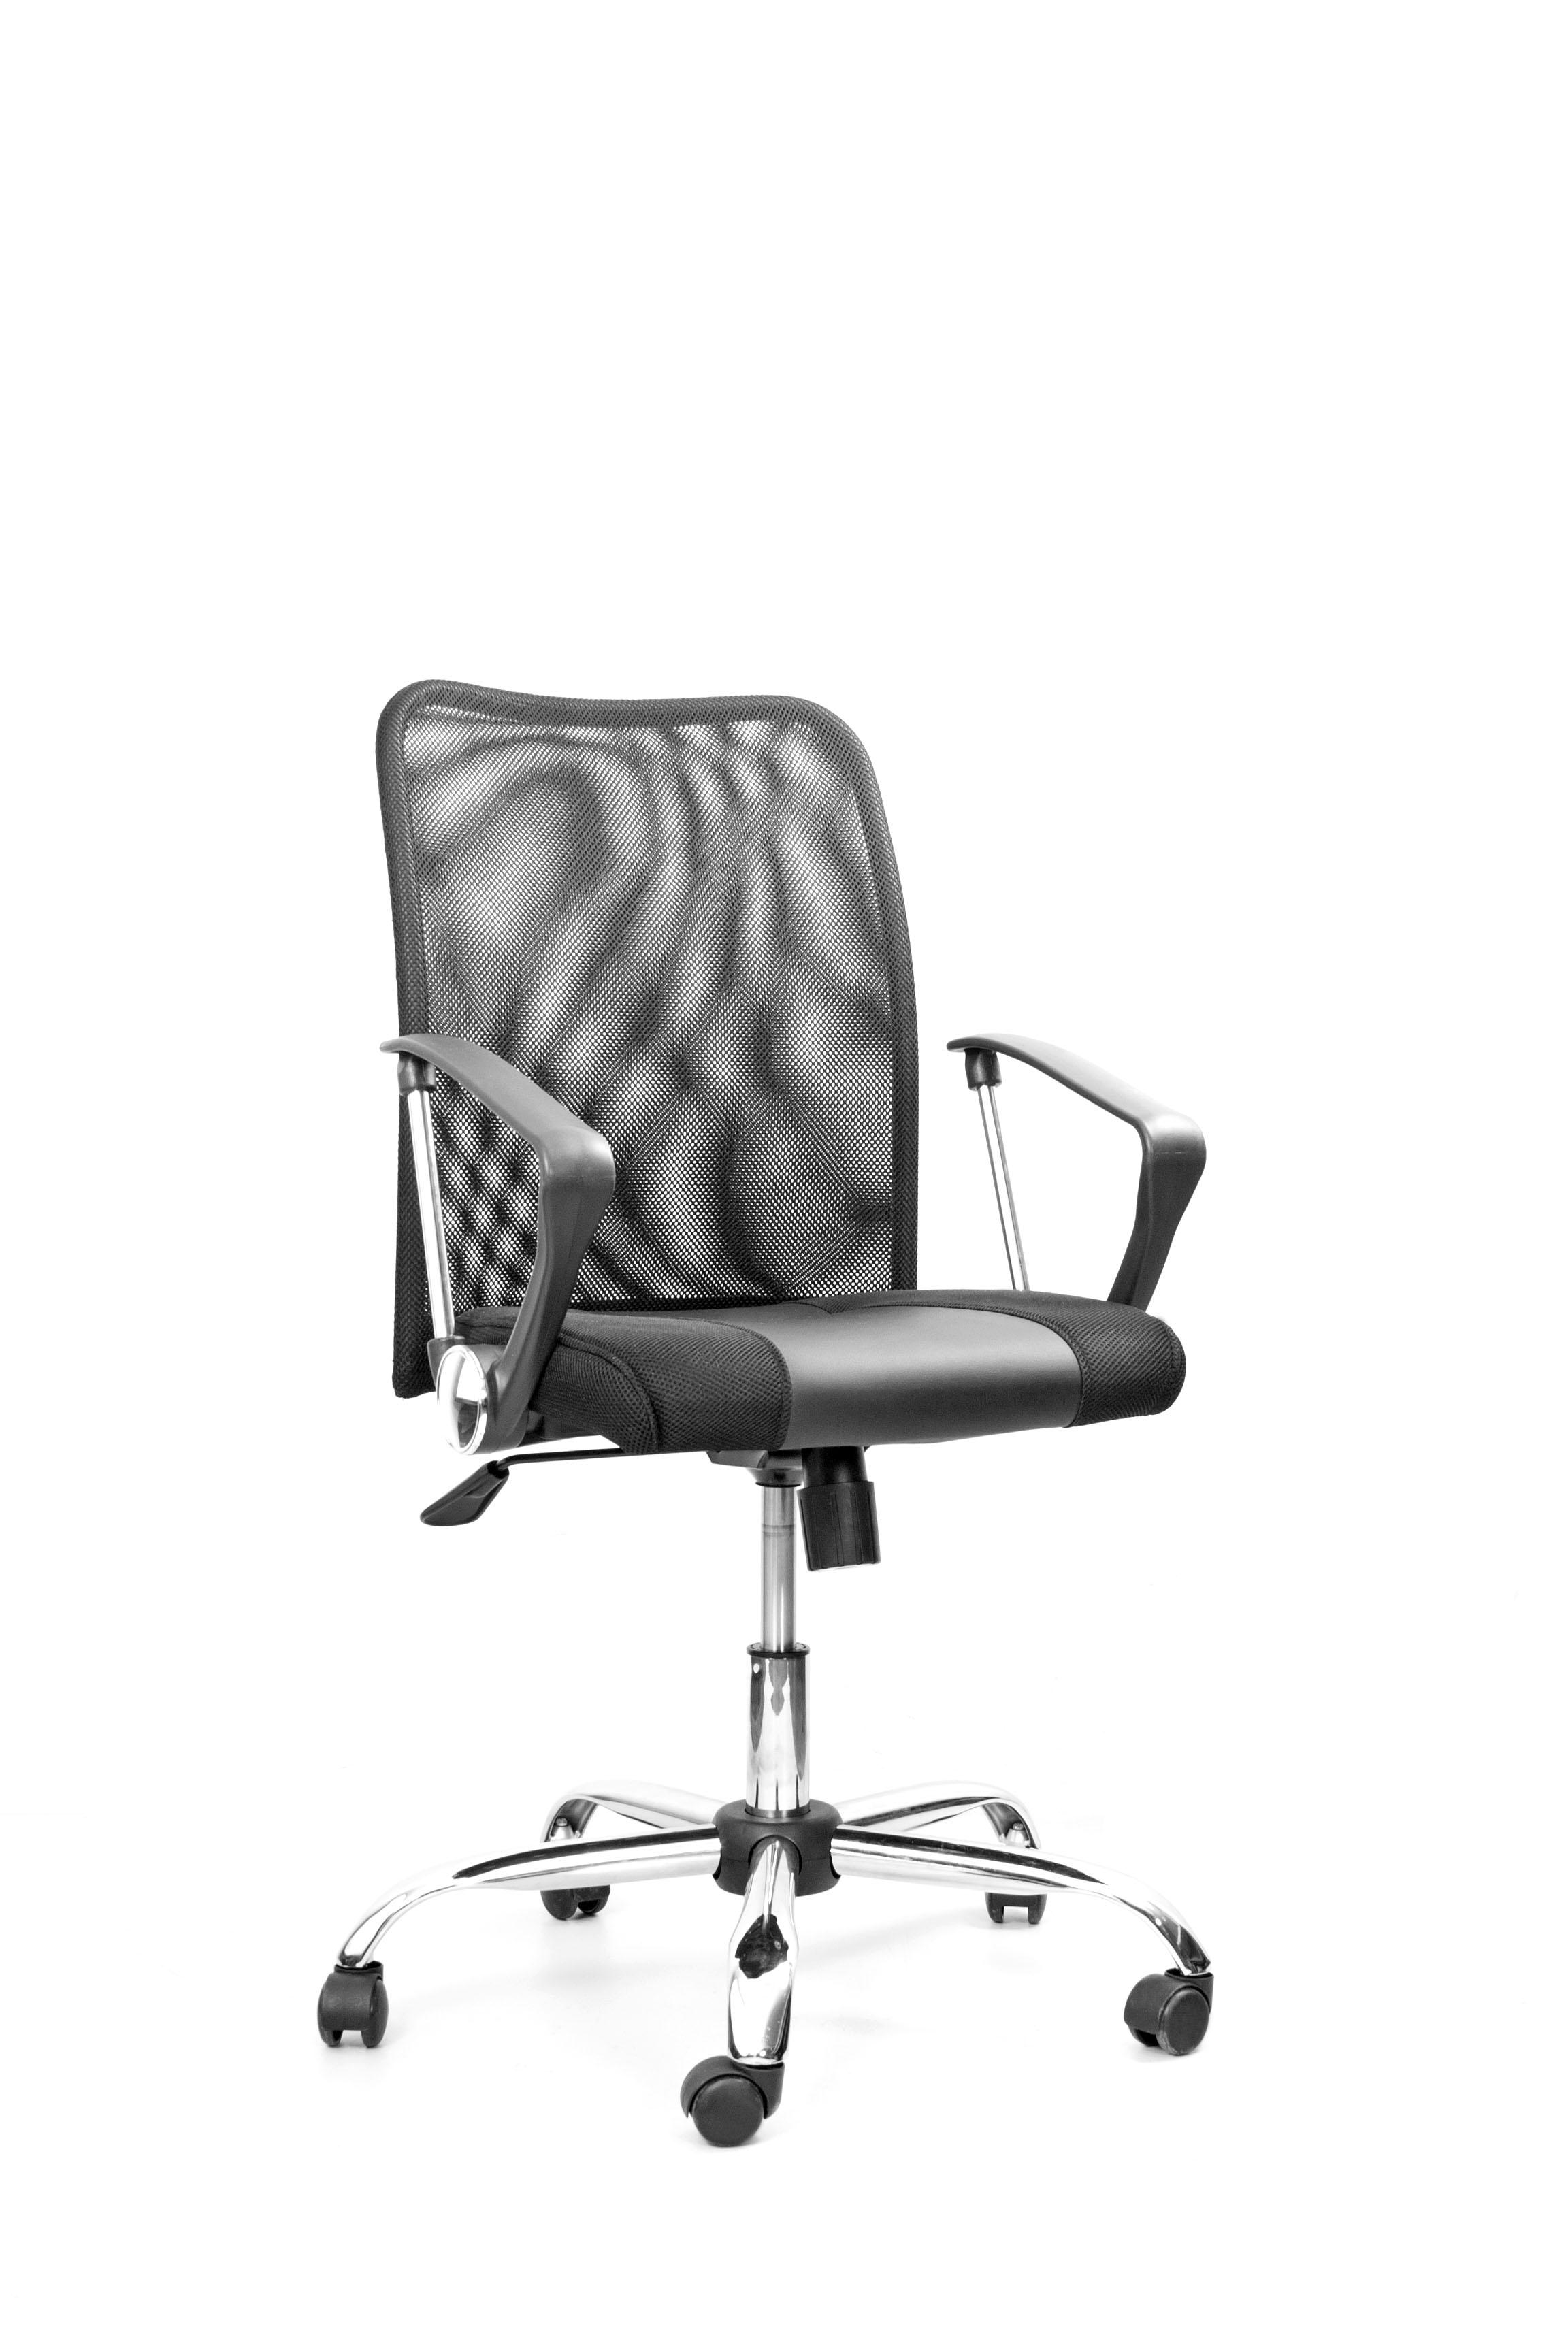 Кресло Recardo Smart 60 (Чёрный, сетка/кожа, высота 960-1050мм, спинка 520мм, Ш500*Г490, крест 700мм, макс. 120кг, газлифт/качание/откидывание) блок питания accord acc 850w 80g